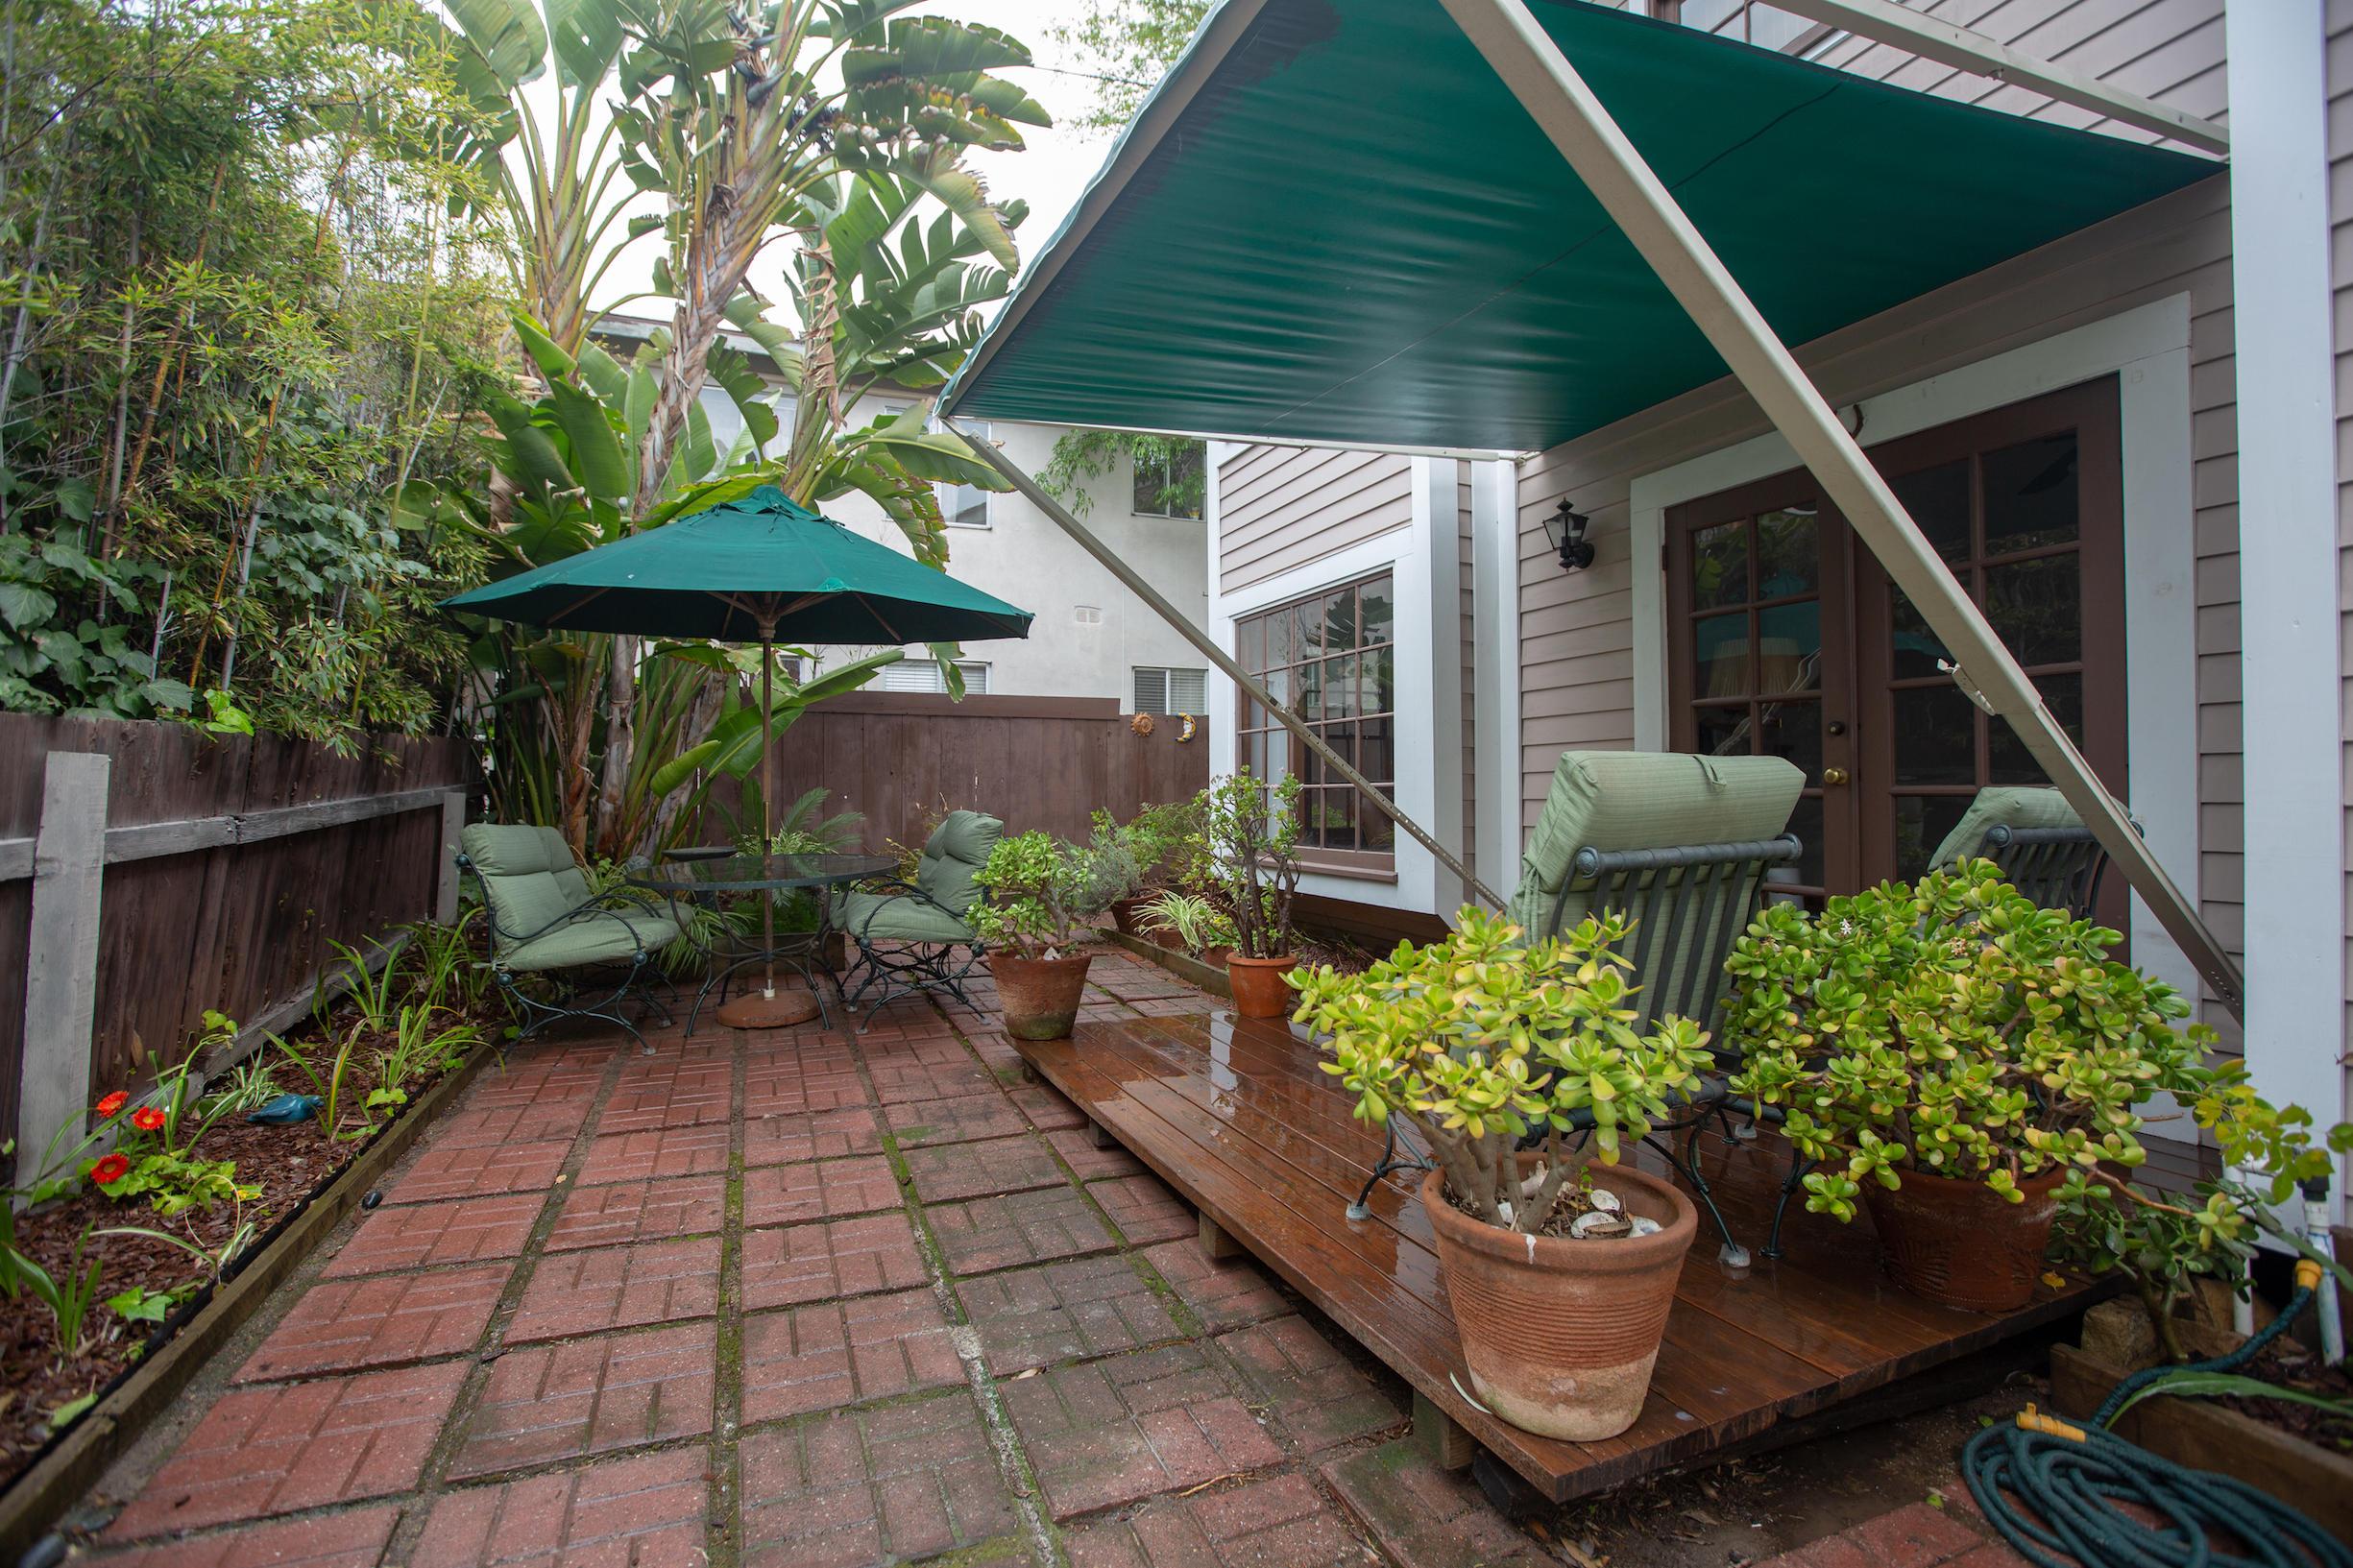 Property photo for 1816 Chapala St #2 Santa Barbara, California 93101 - 19-663